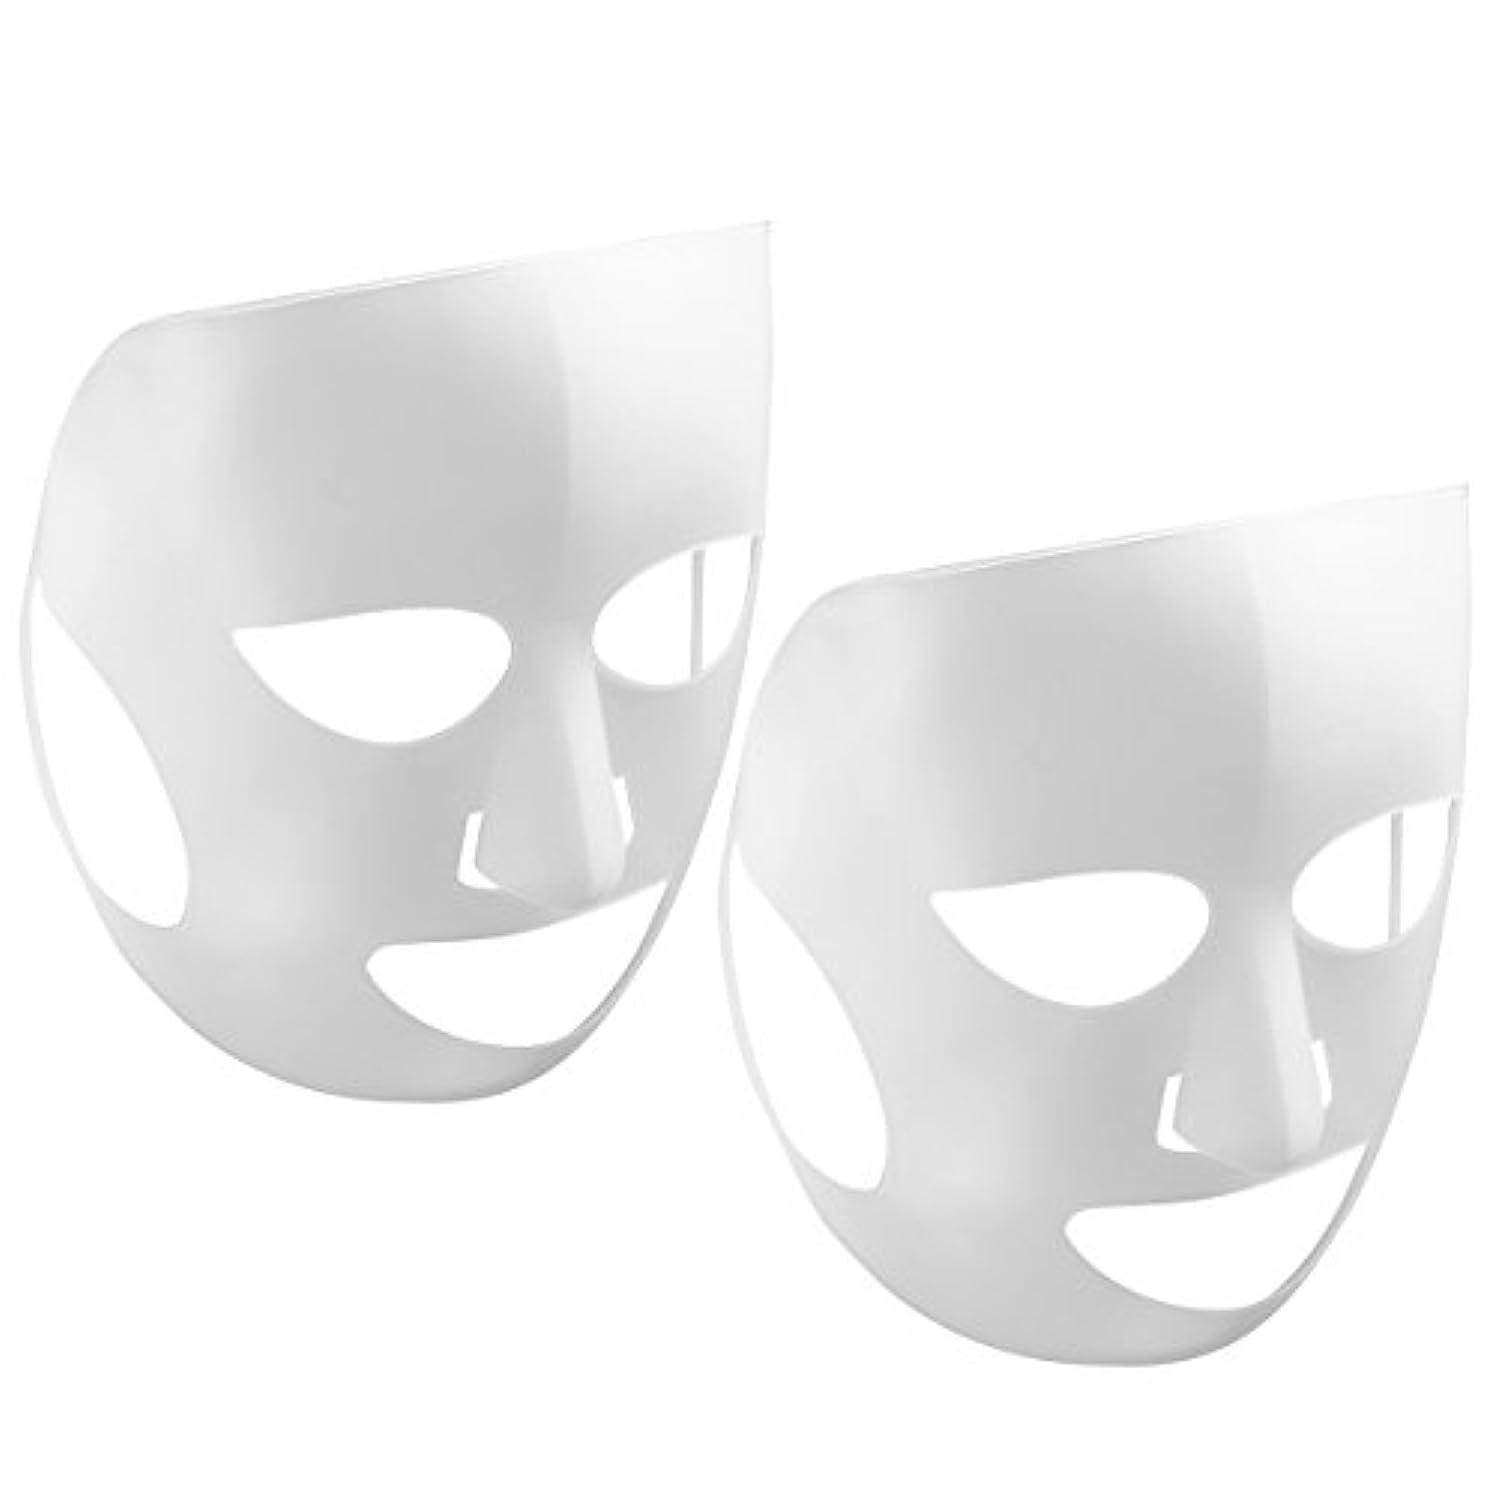 シャックル侮辱認識蒸発防止保湿マスクLurrose 5PCS再利用可能シリコンマスクカバー(ホワイト)